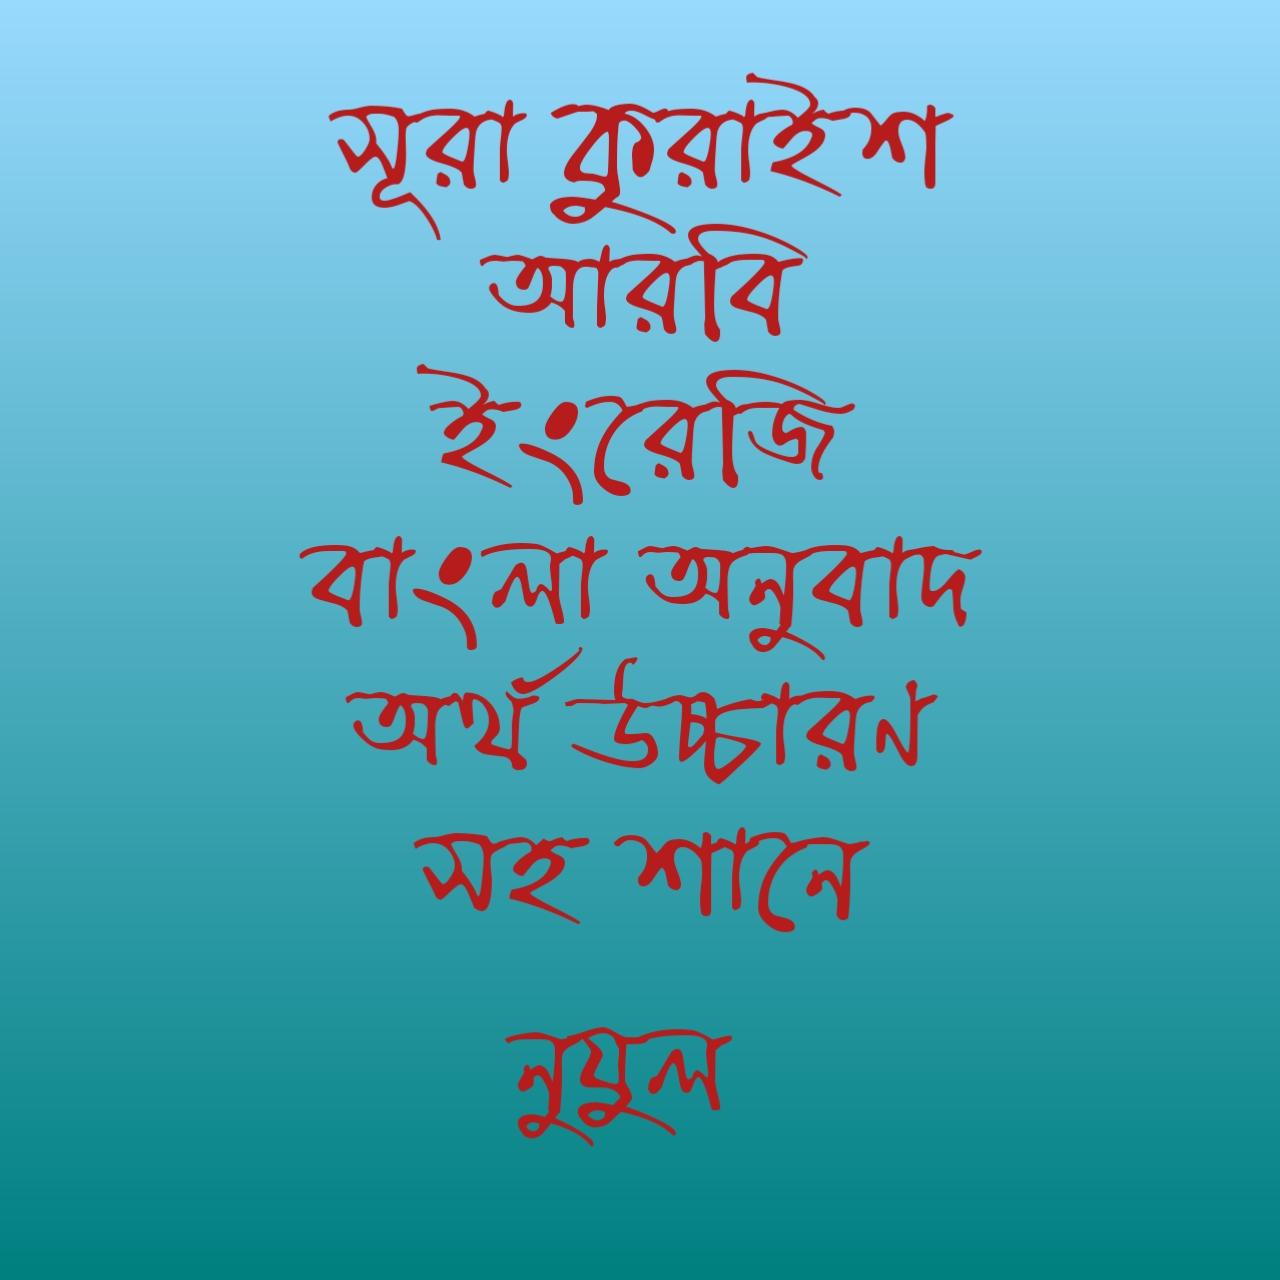 সূরা কুরাইশ আরবি ইংরেজি বাংলা অনুবাদ অর্থ উচ্চারণ সহ শানে নুযুল Surah Quraish with Arabic English Bengali Translation Sound Nojula |